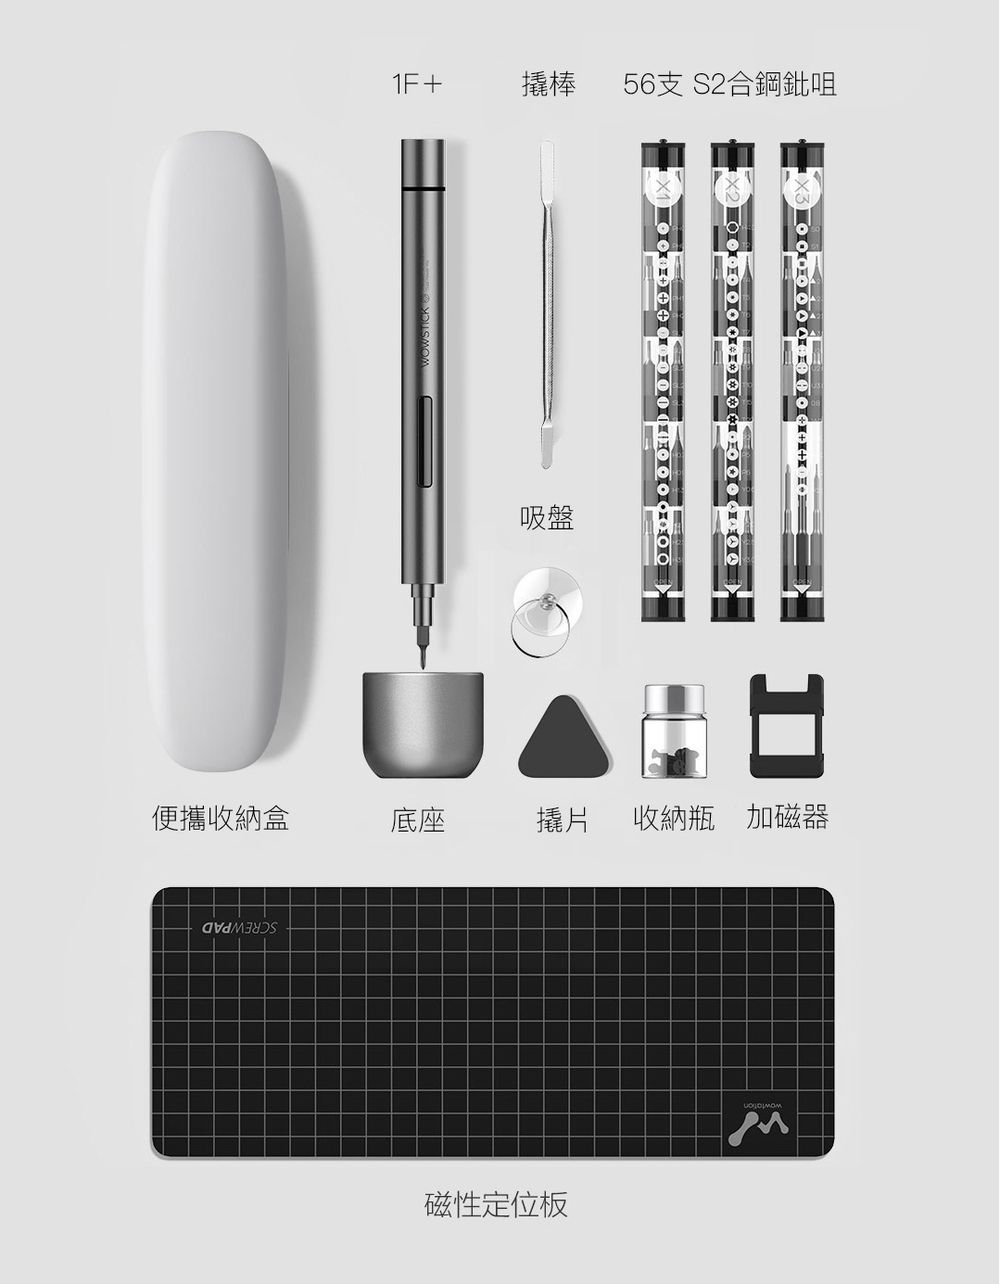 小米 Wowstick 1F+